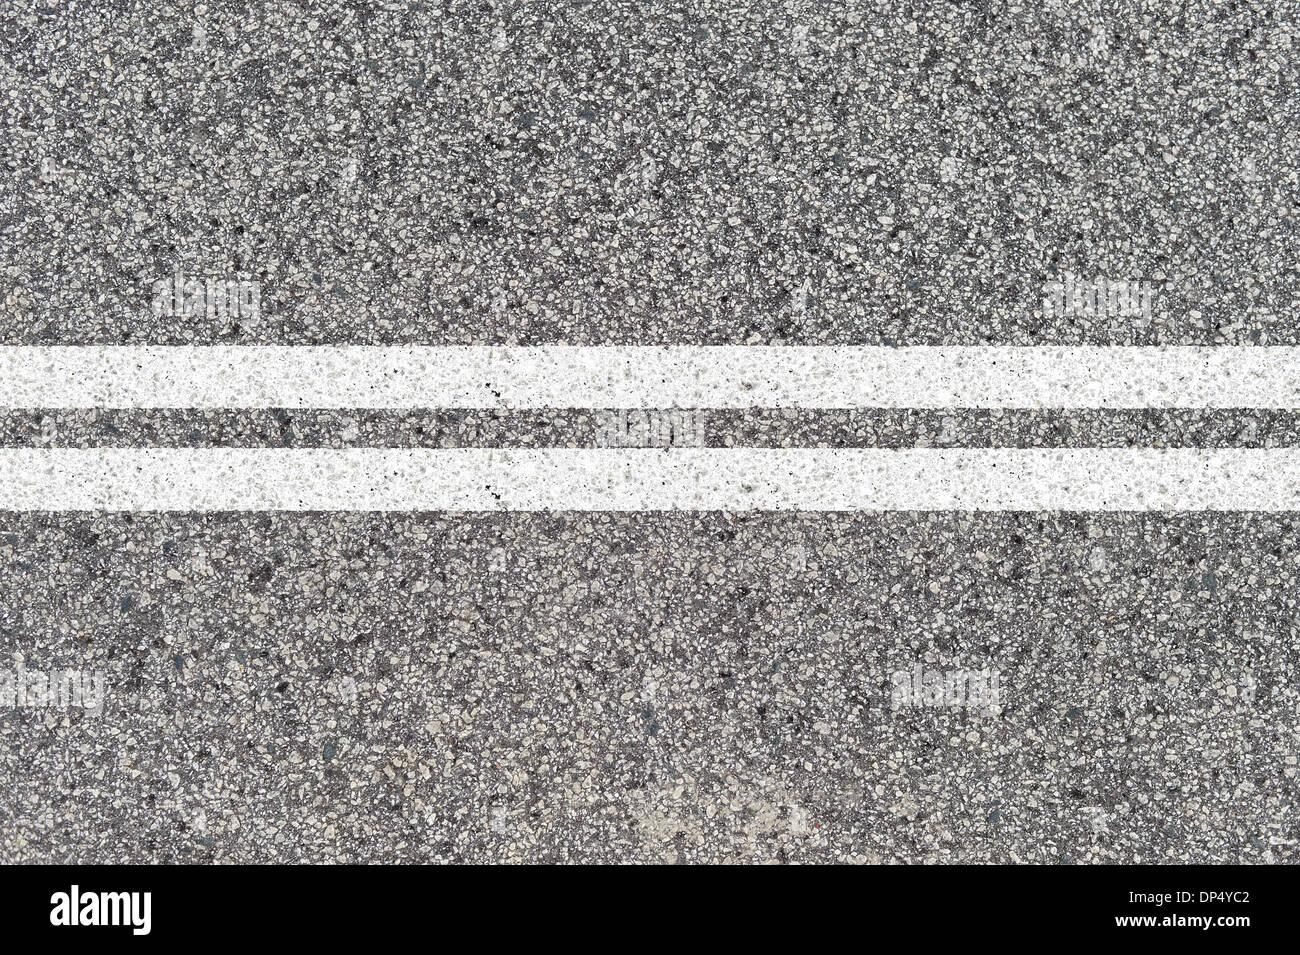 Un gros plan des marquages routiers Photo Stock